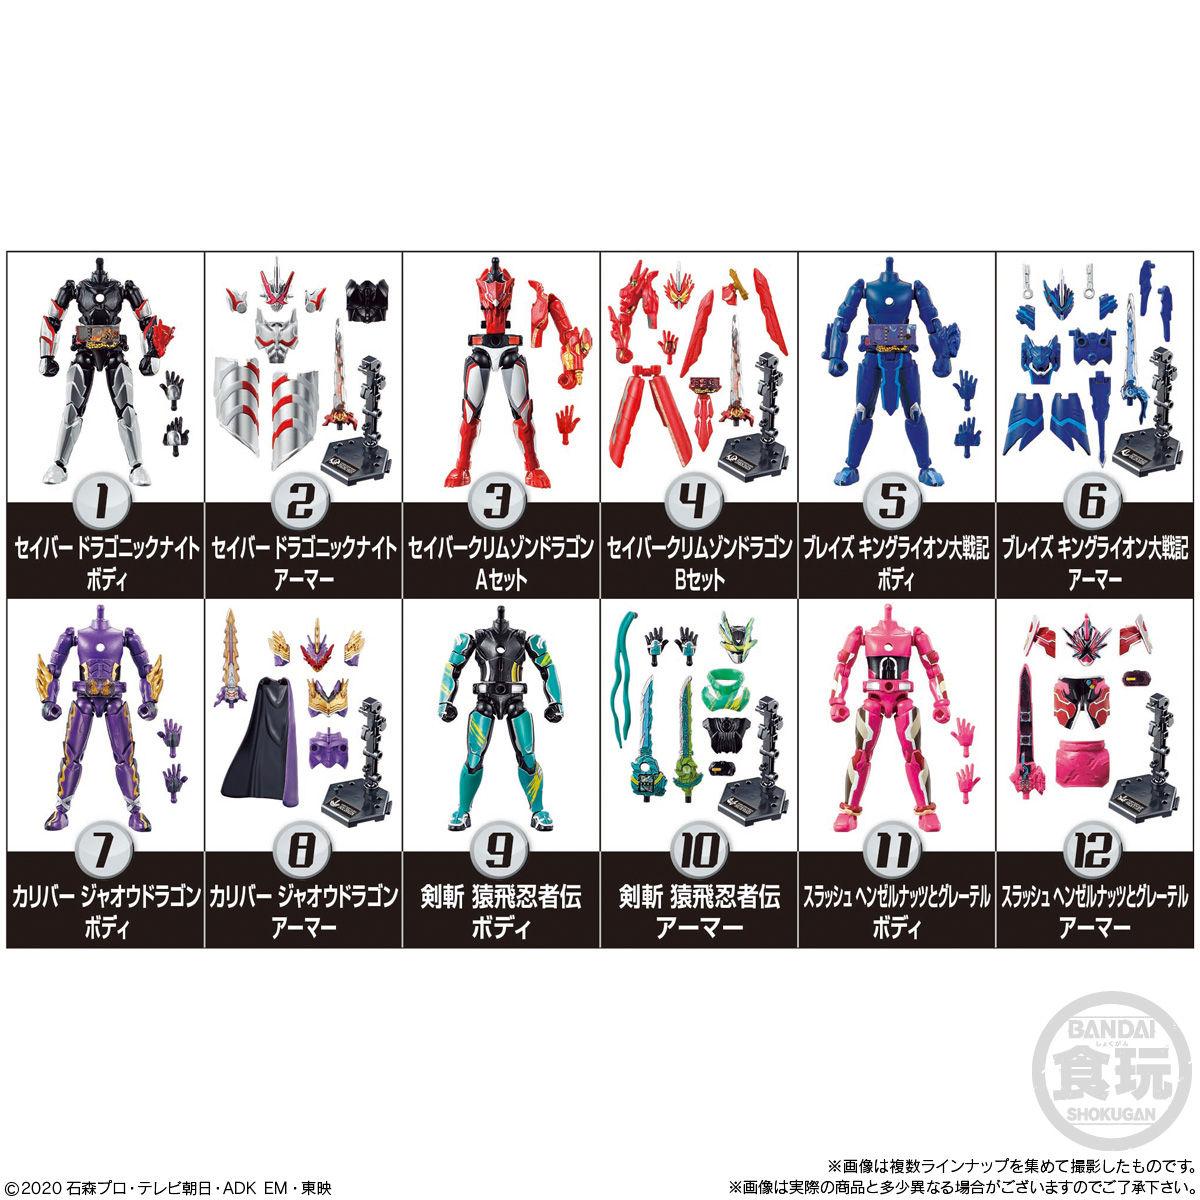 【食玩】SO-DO『装動 仮面ライダーセイバー Book4』12個入りBOX-008